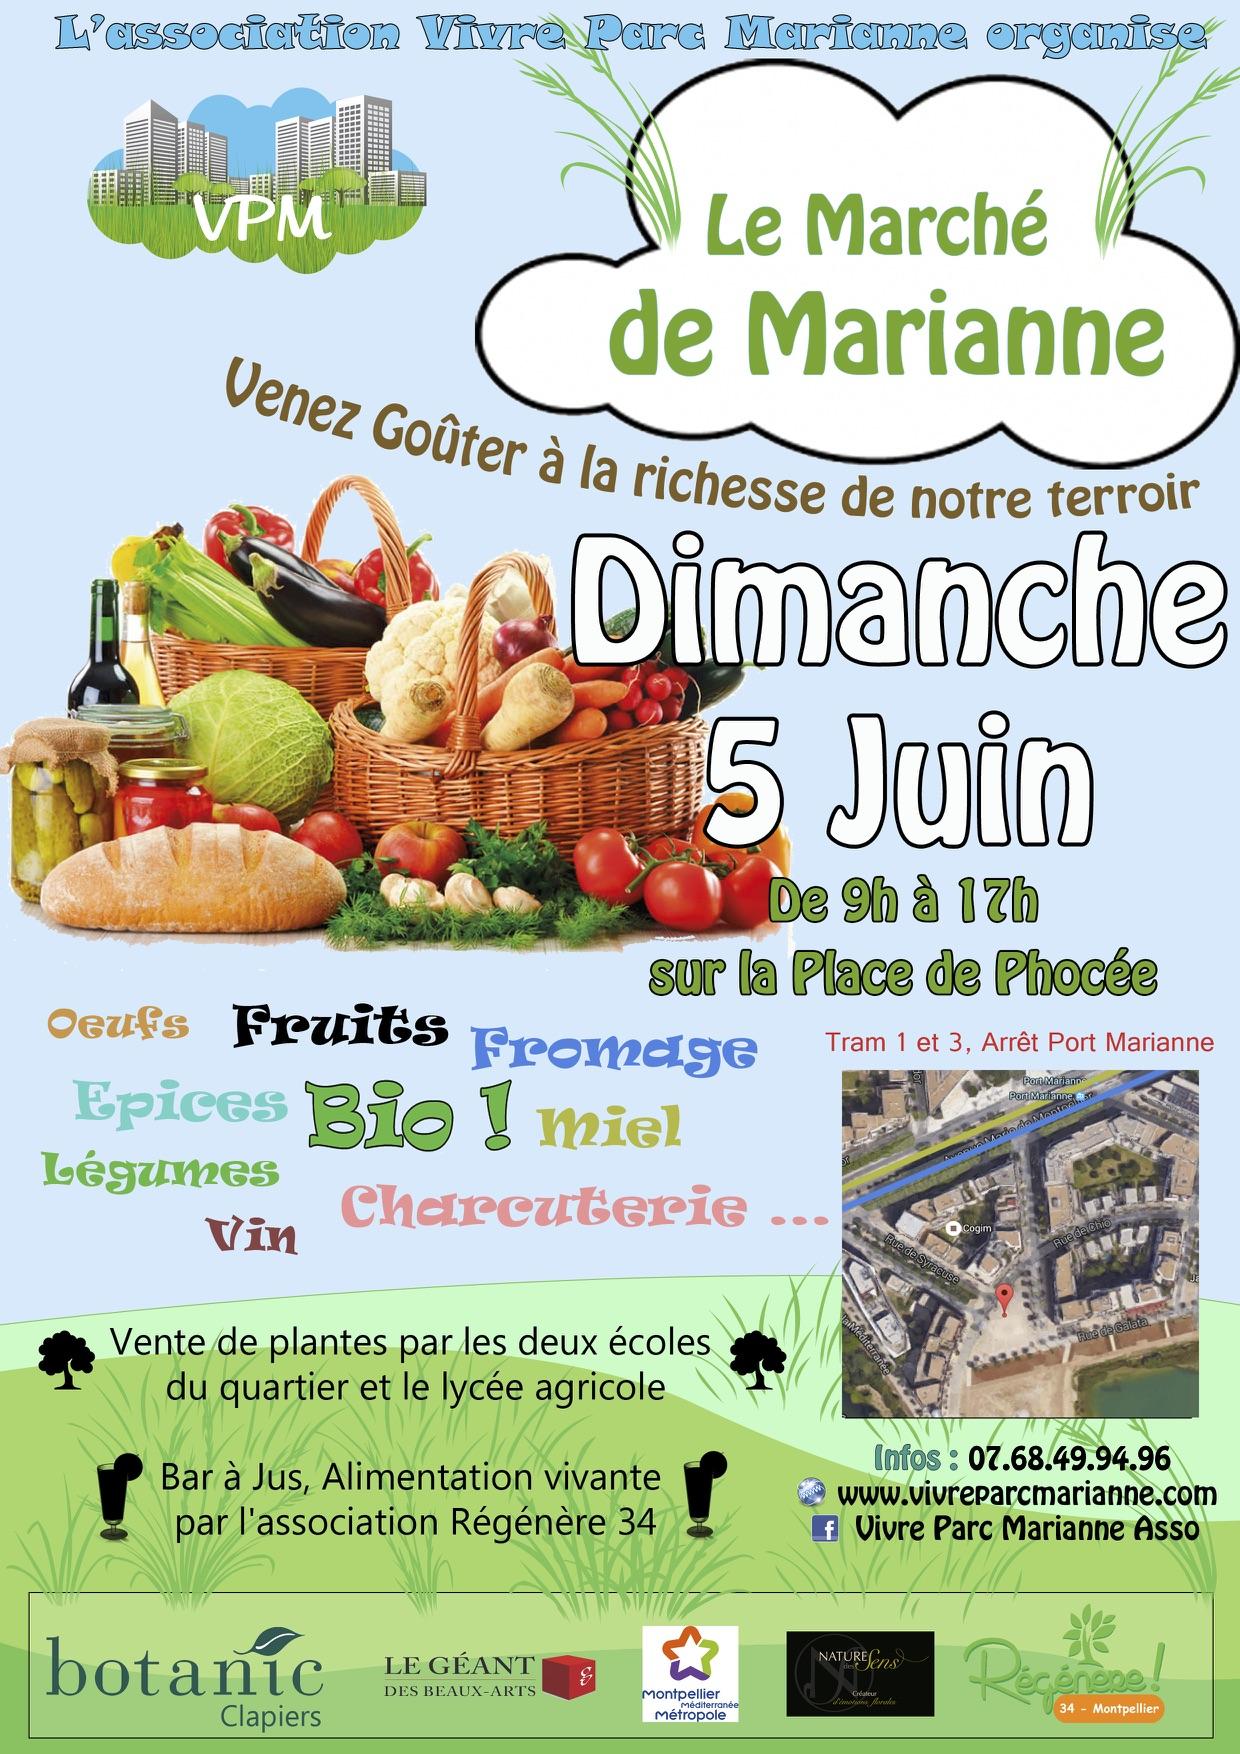 Marché de Marianne - 5 juin 2016